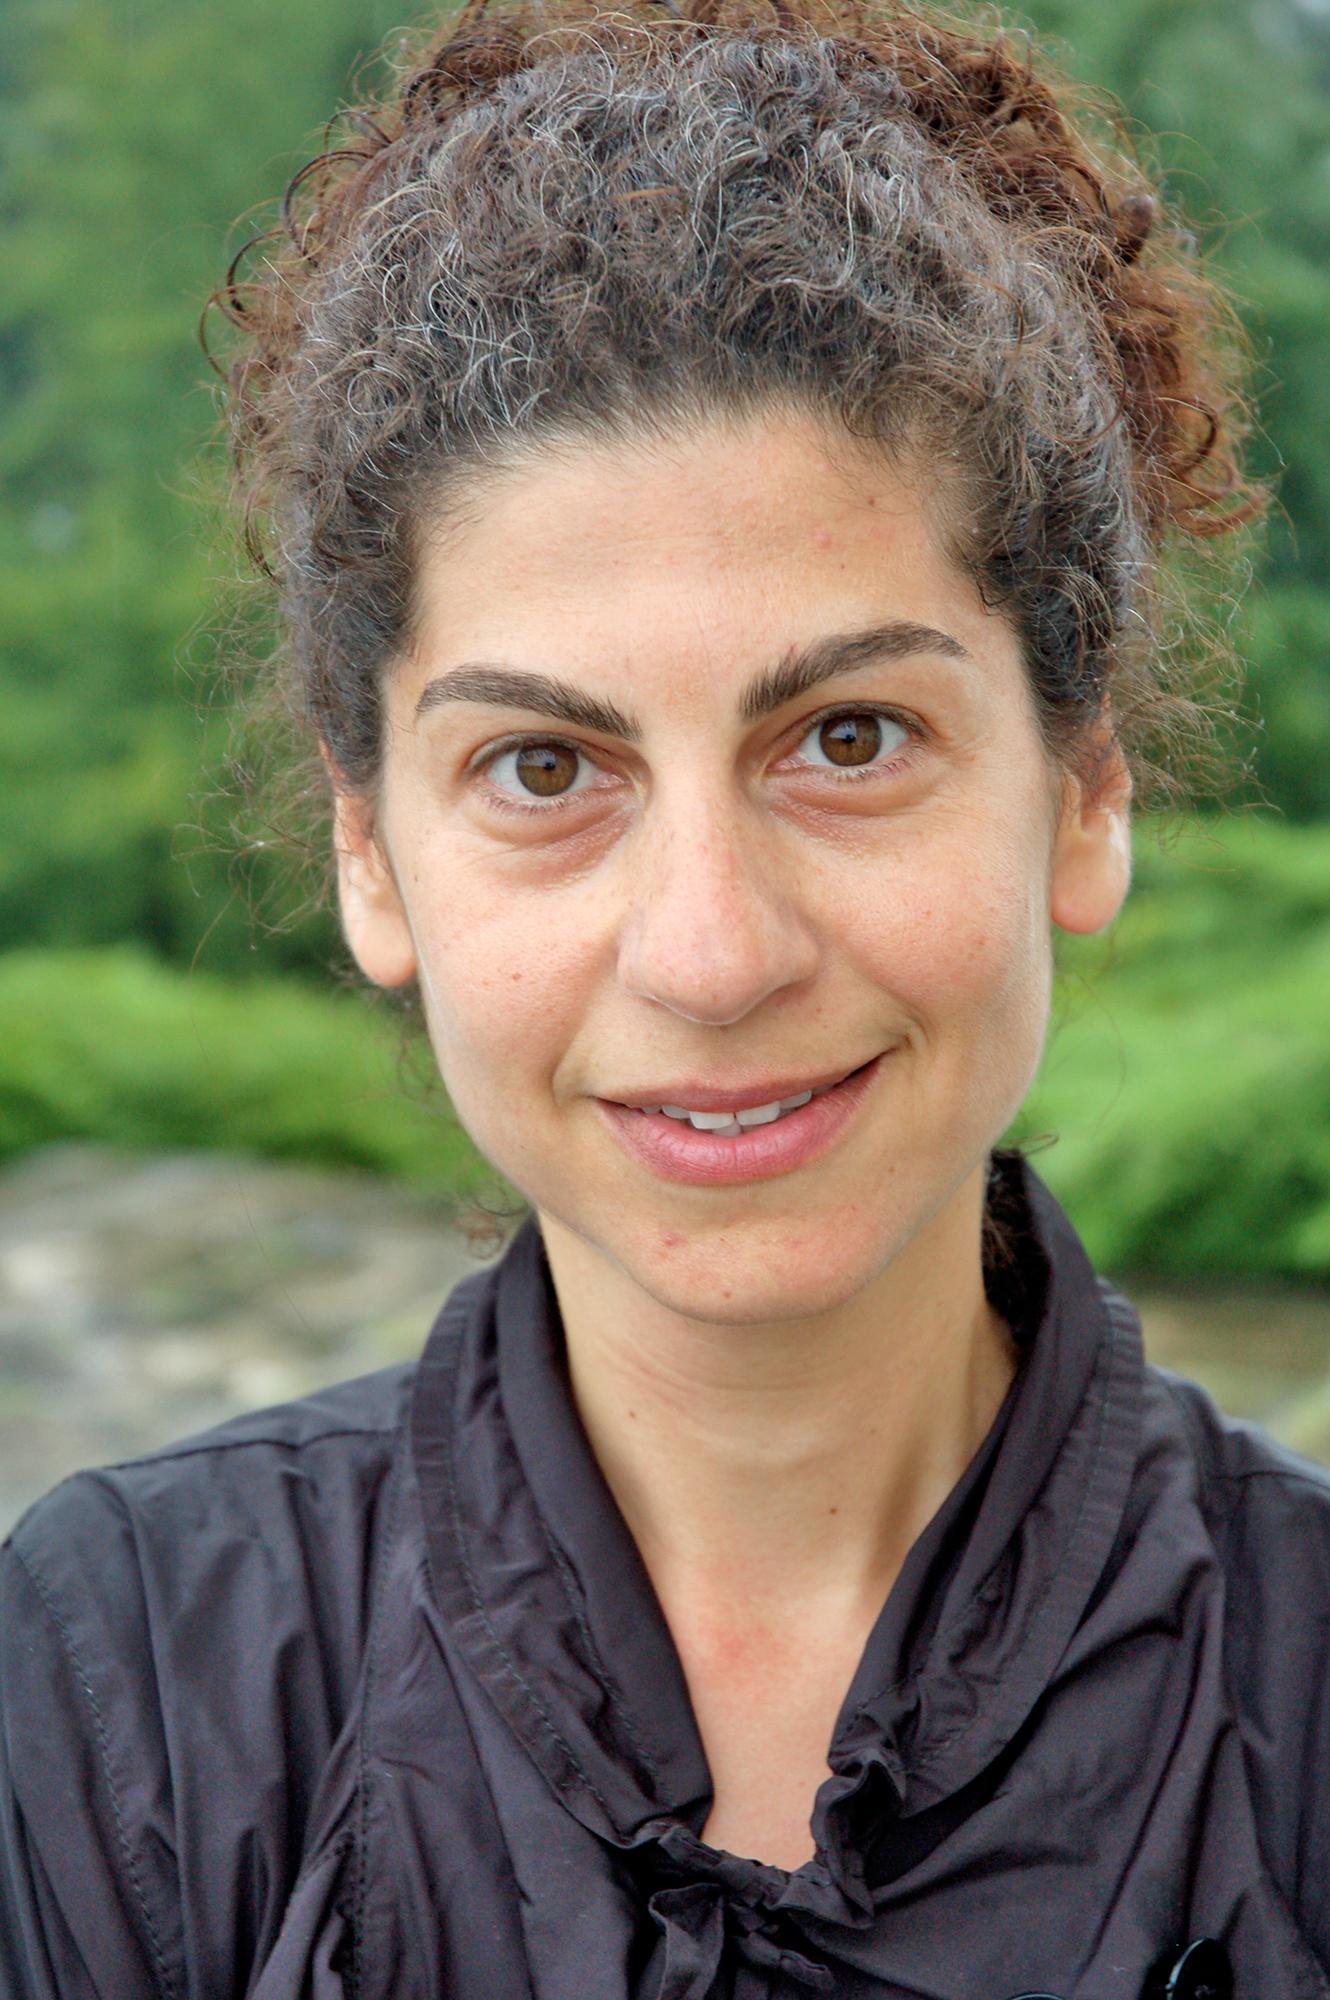 Cynthia Zaven - musician, composer